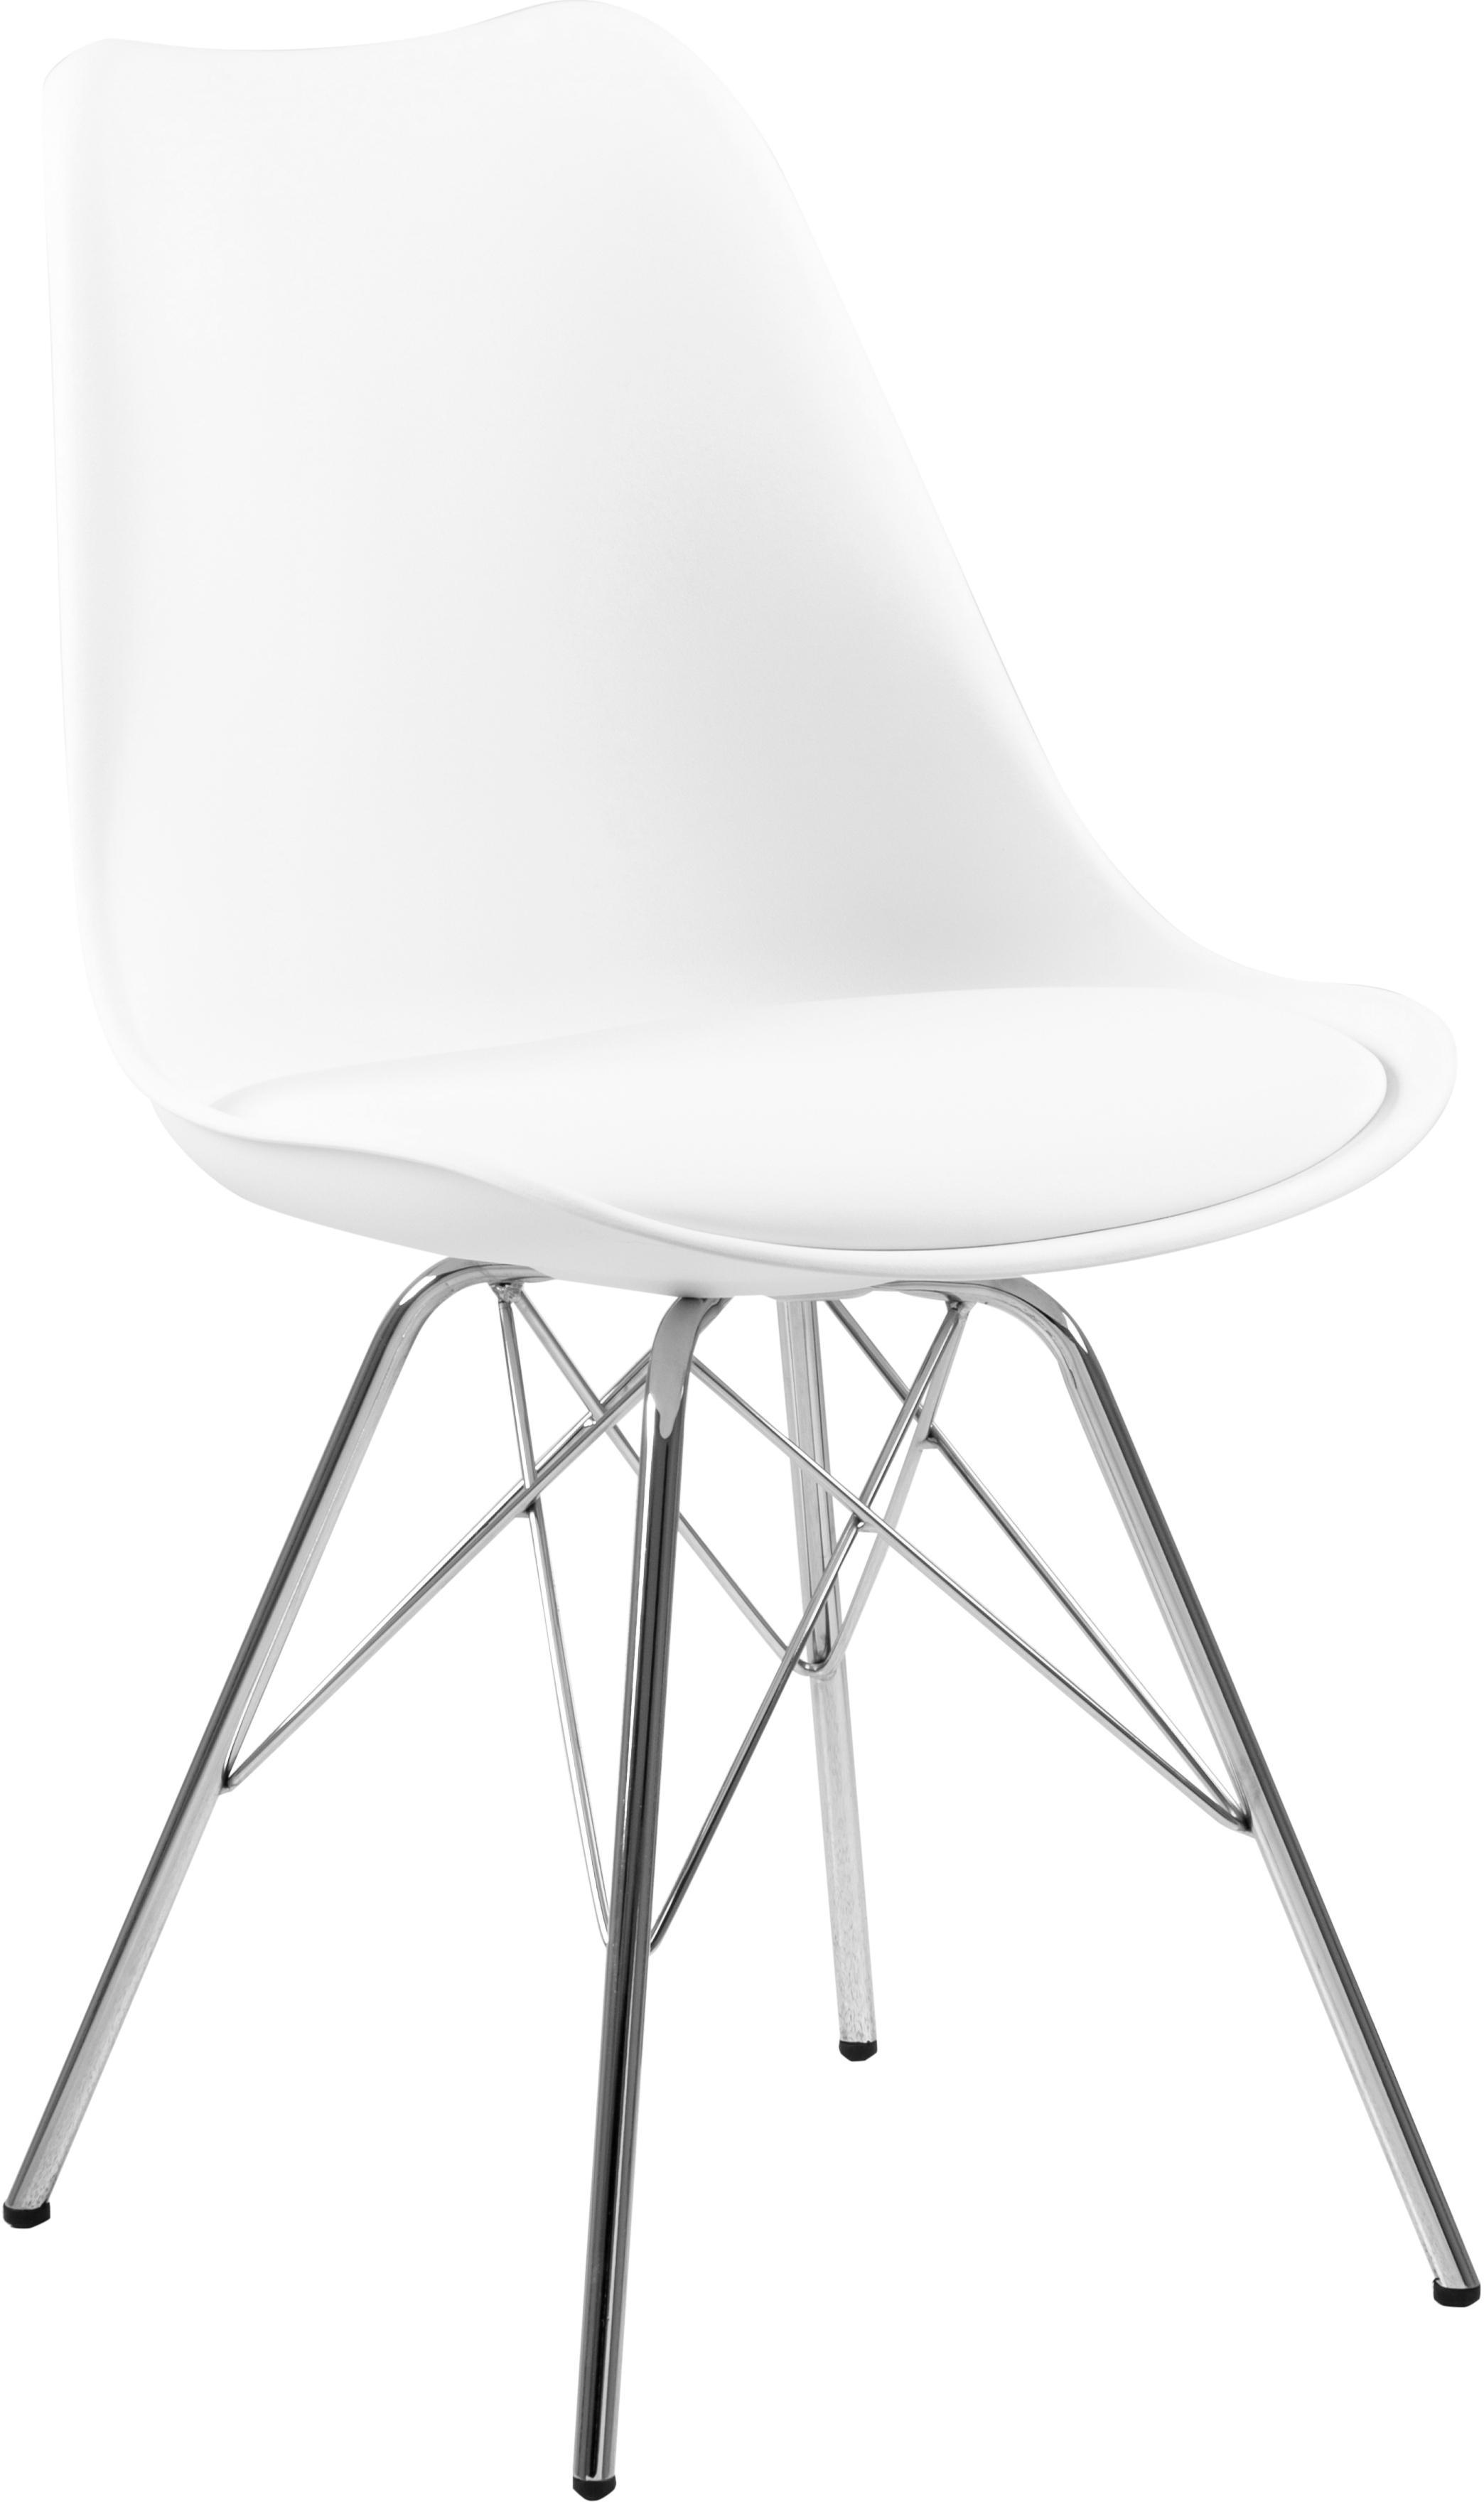 Sedia in materiale sintetico Eris 2 pz, Seduta: similpelle, Gambe: metallo cromato, Bianco, cromo, Larg. 49 x Prof. 54 cm